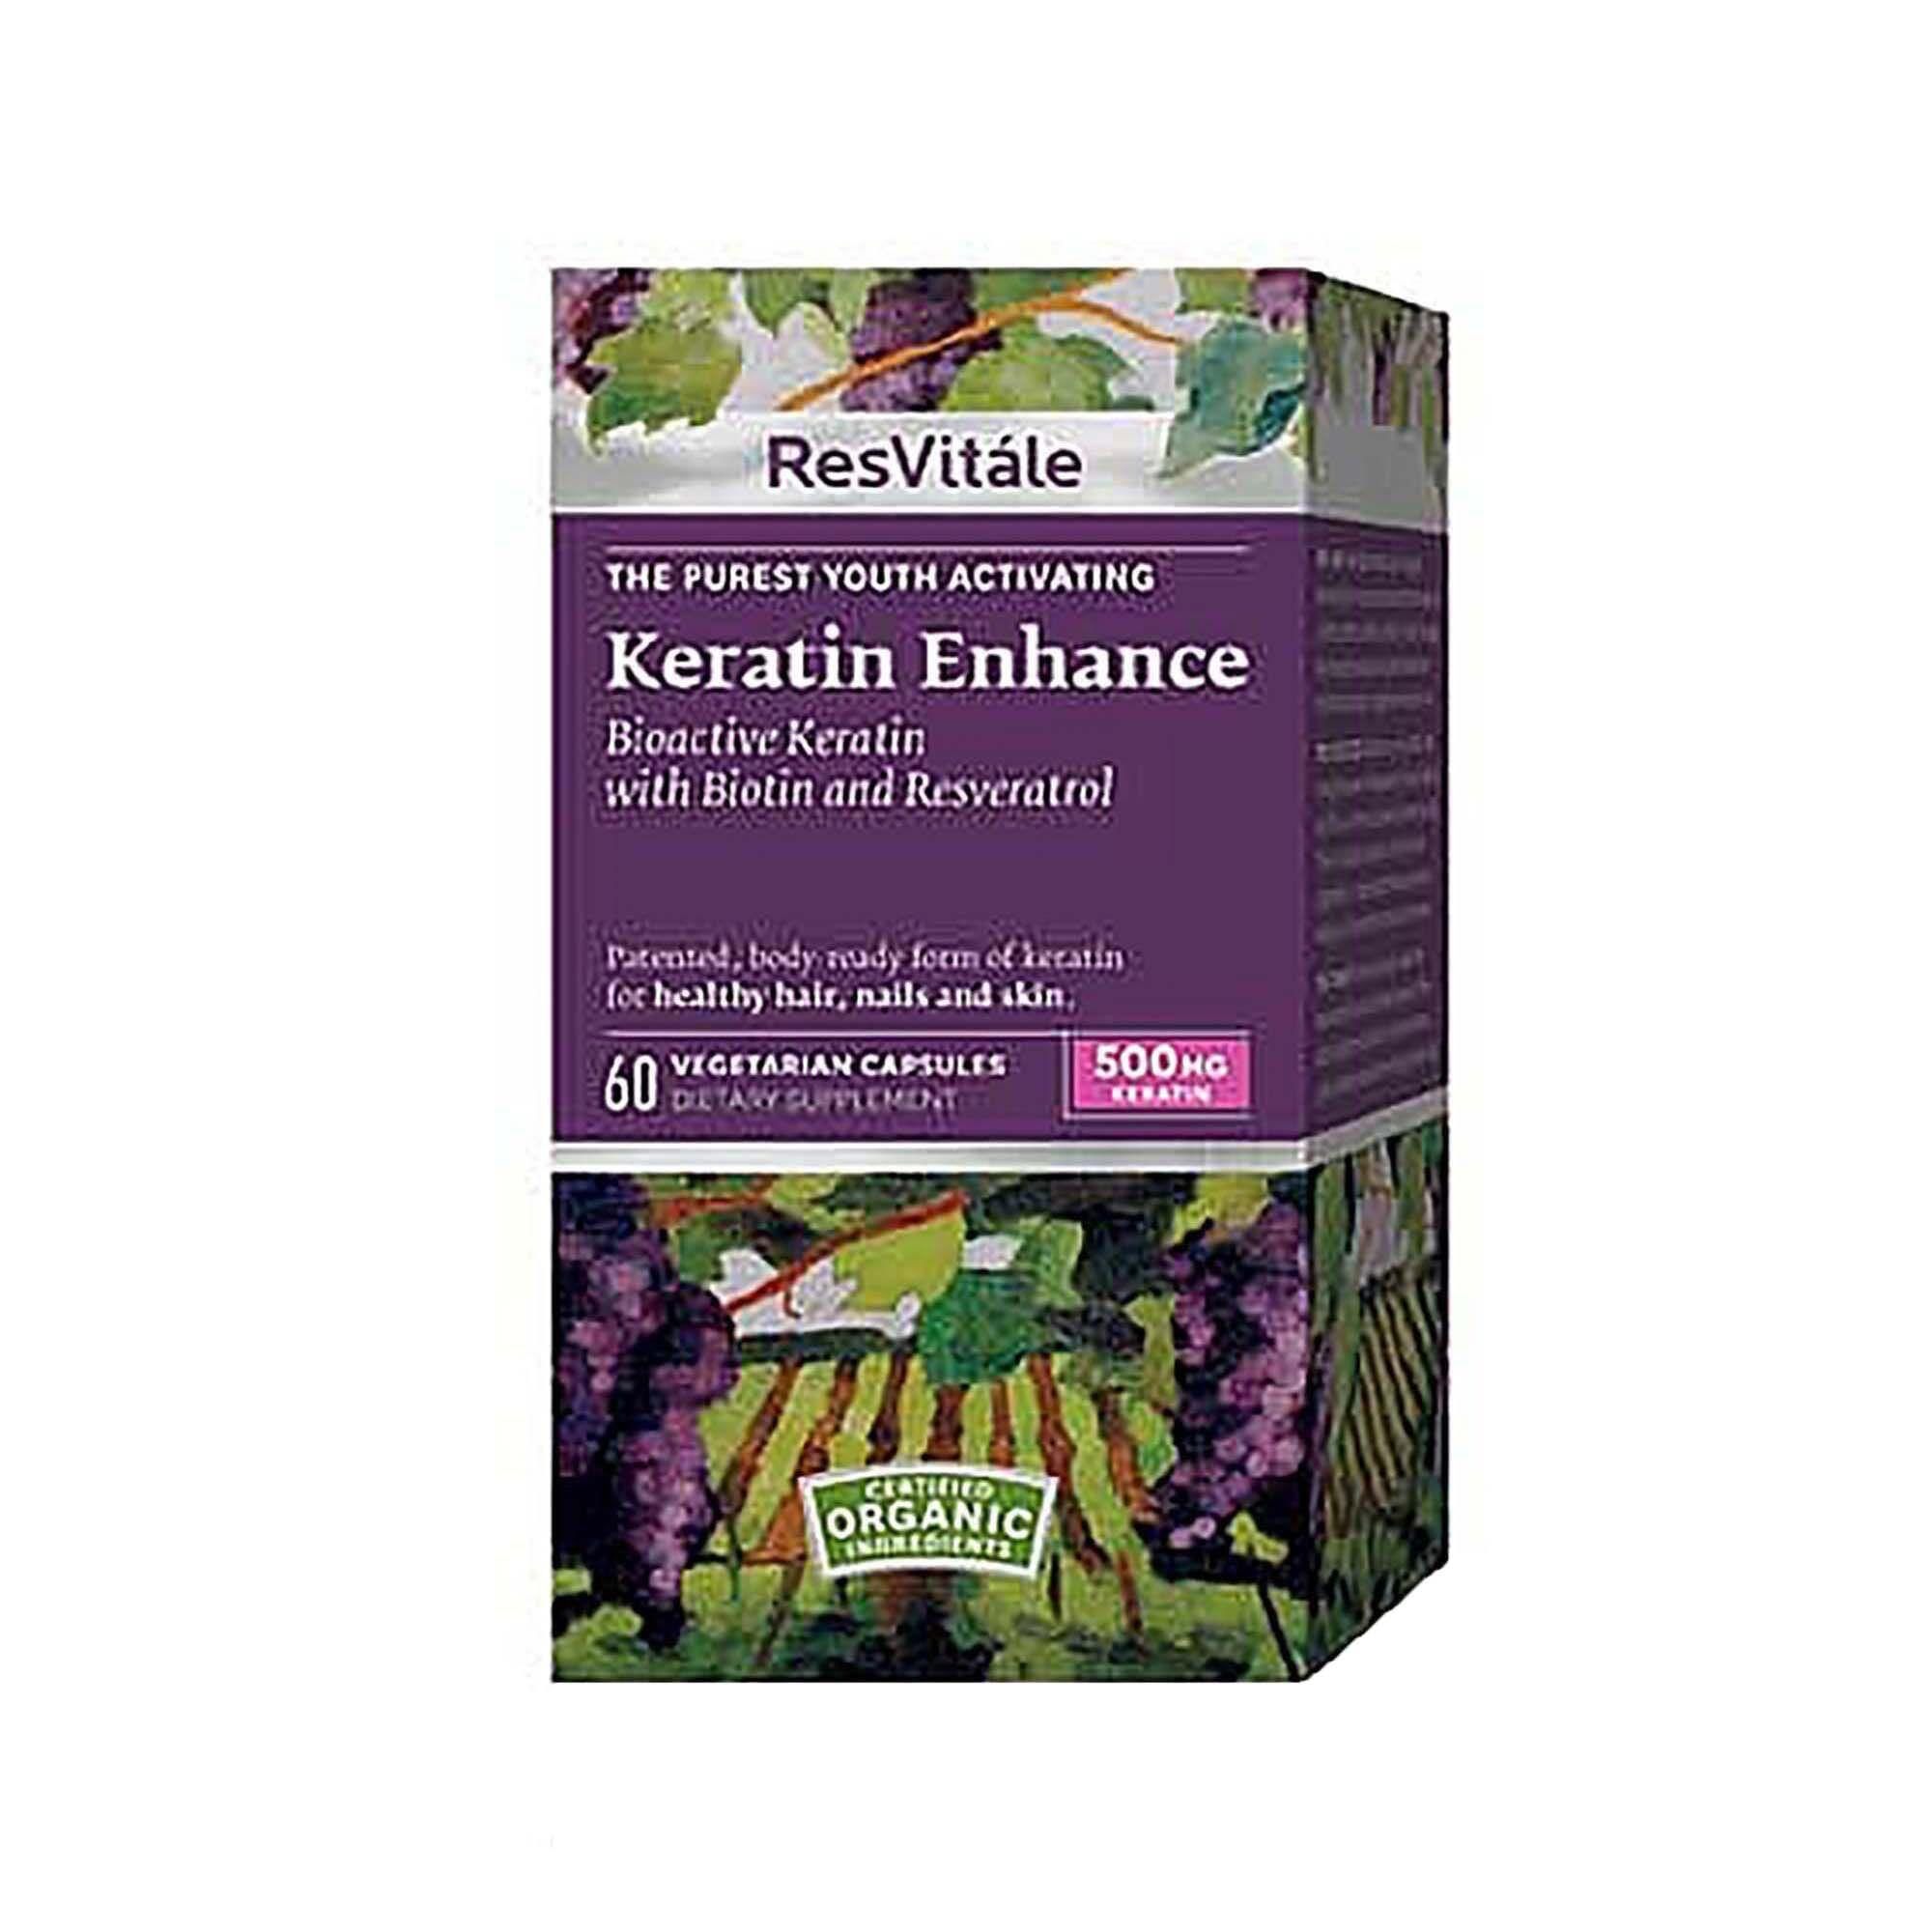 ResVitále™ Keratin Enhance | GNC